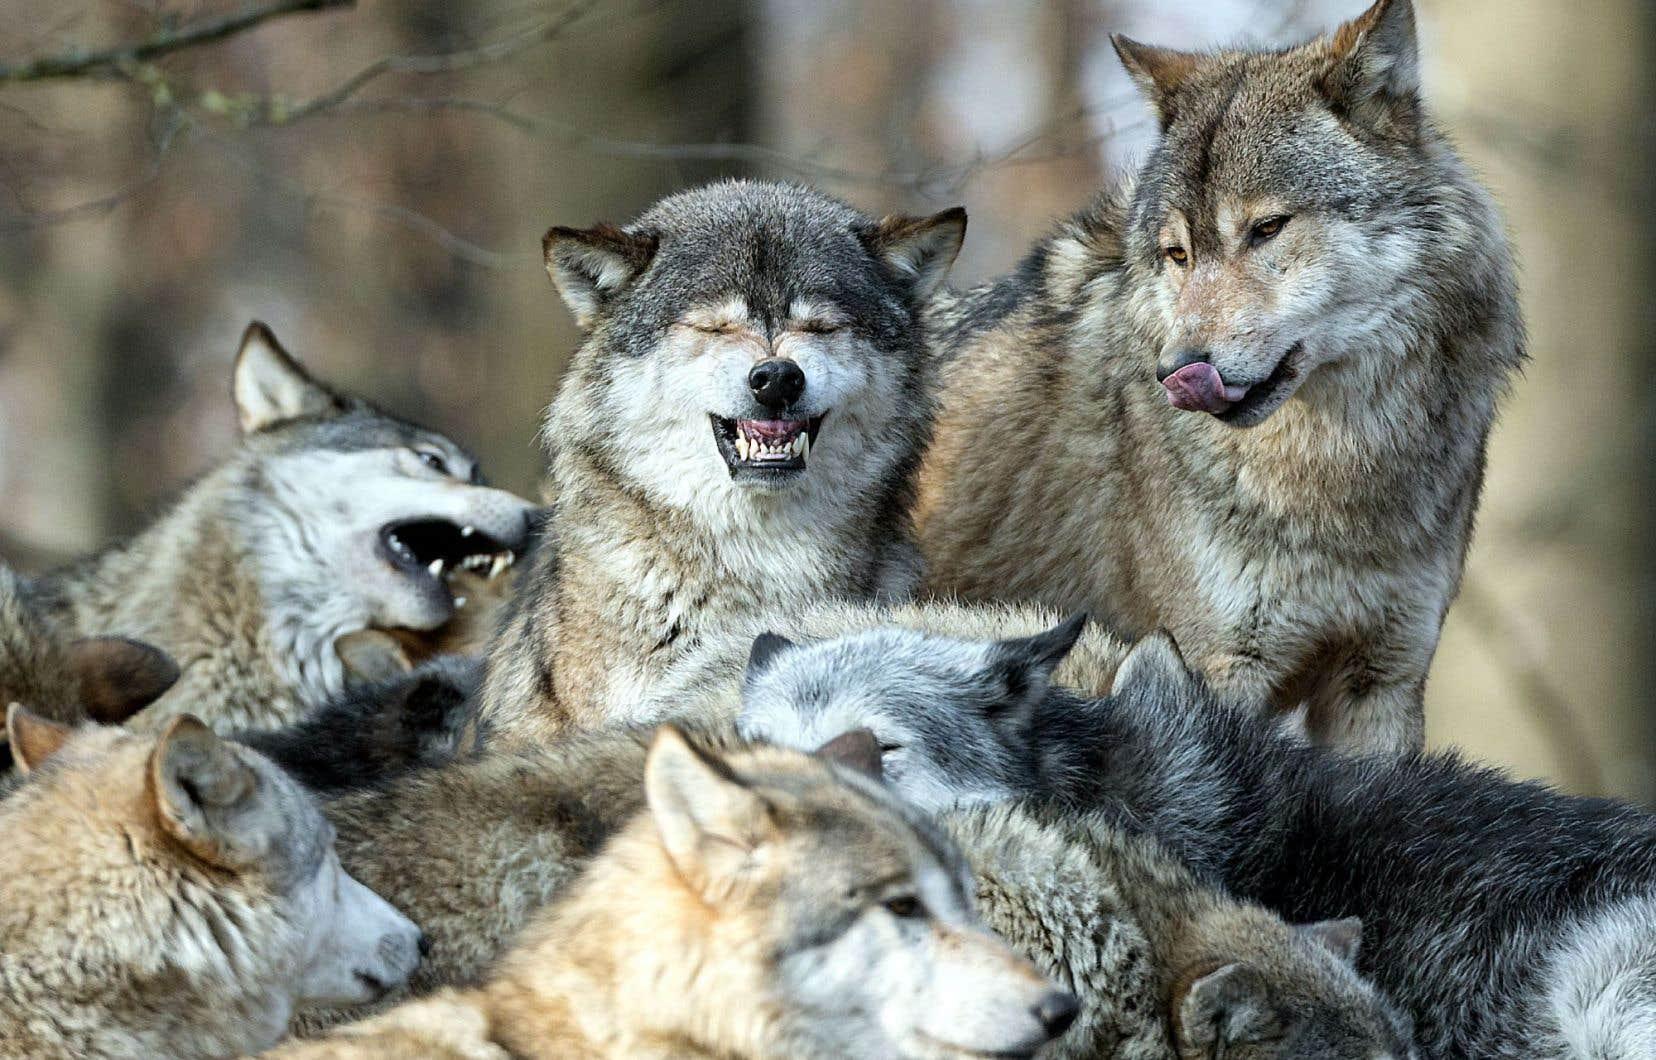 Essayez, pour voir, d'enseigner la beauté sauvage des loups et de la meute, de ces canidés, de ces seigneurs du Nord à une fillette intoxiquée par une imagerie médiévale attardée, convaincue que loup = méchant.